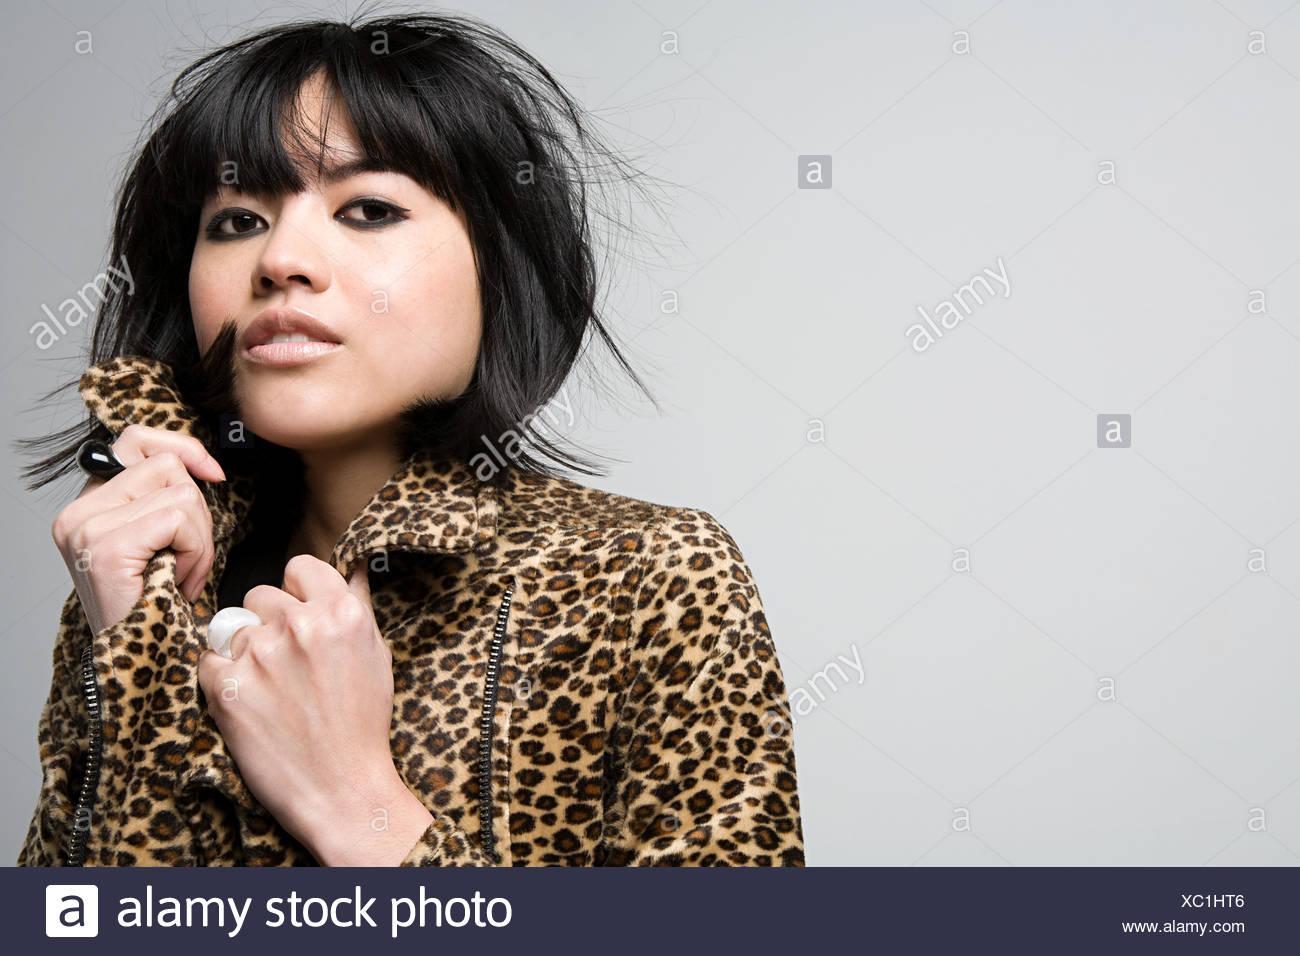 Woman wearing a leopard skin jacket - Stock Image